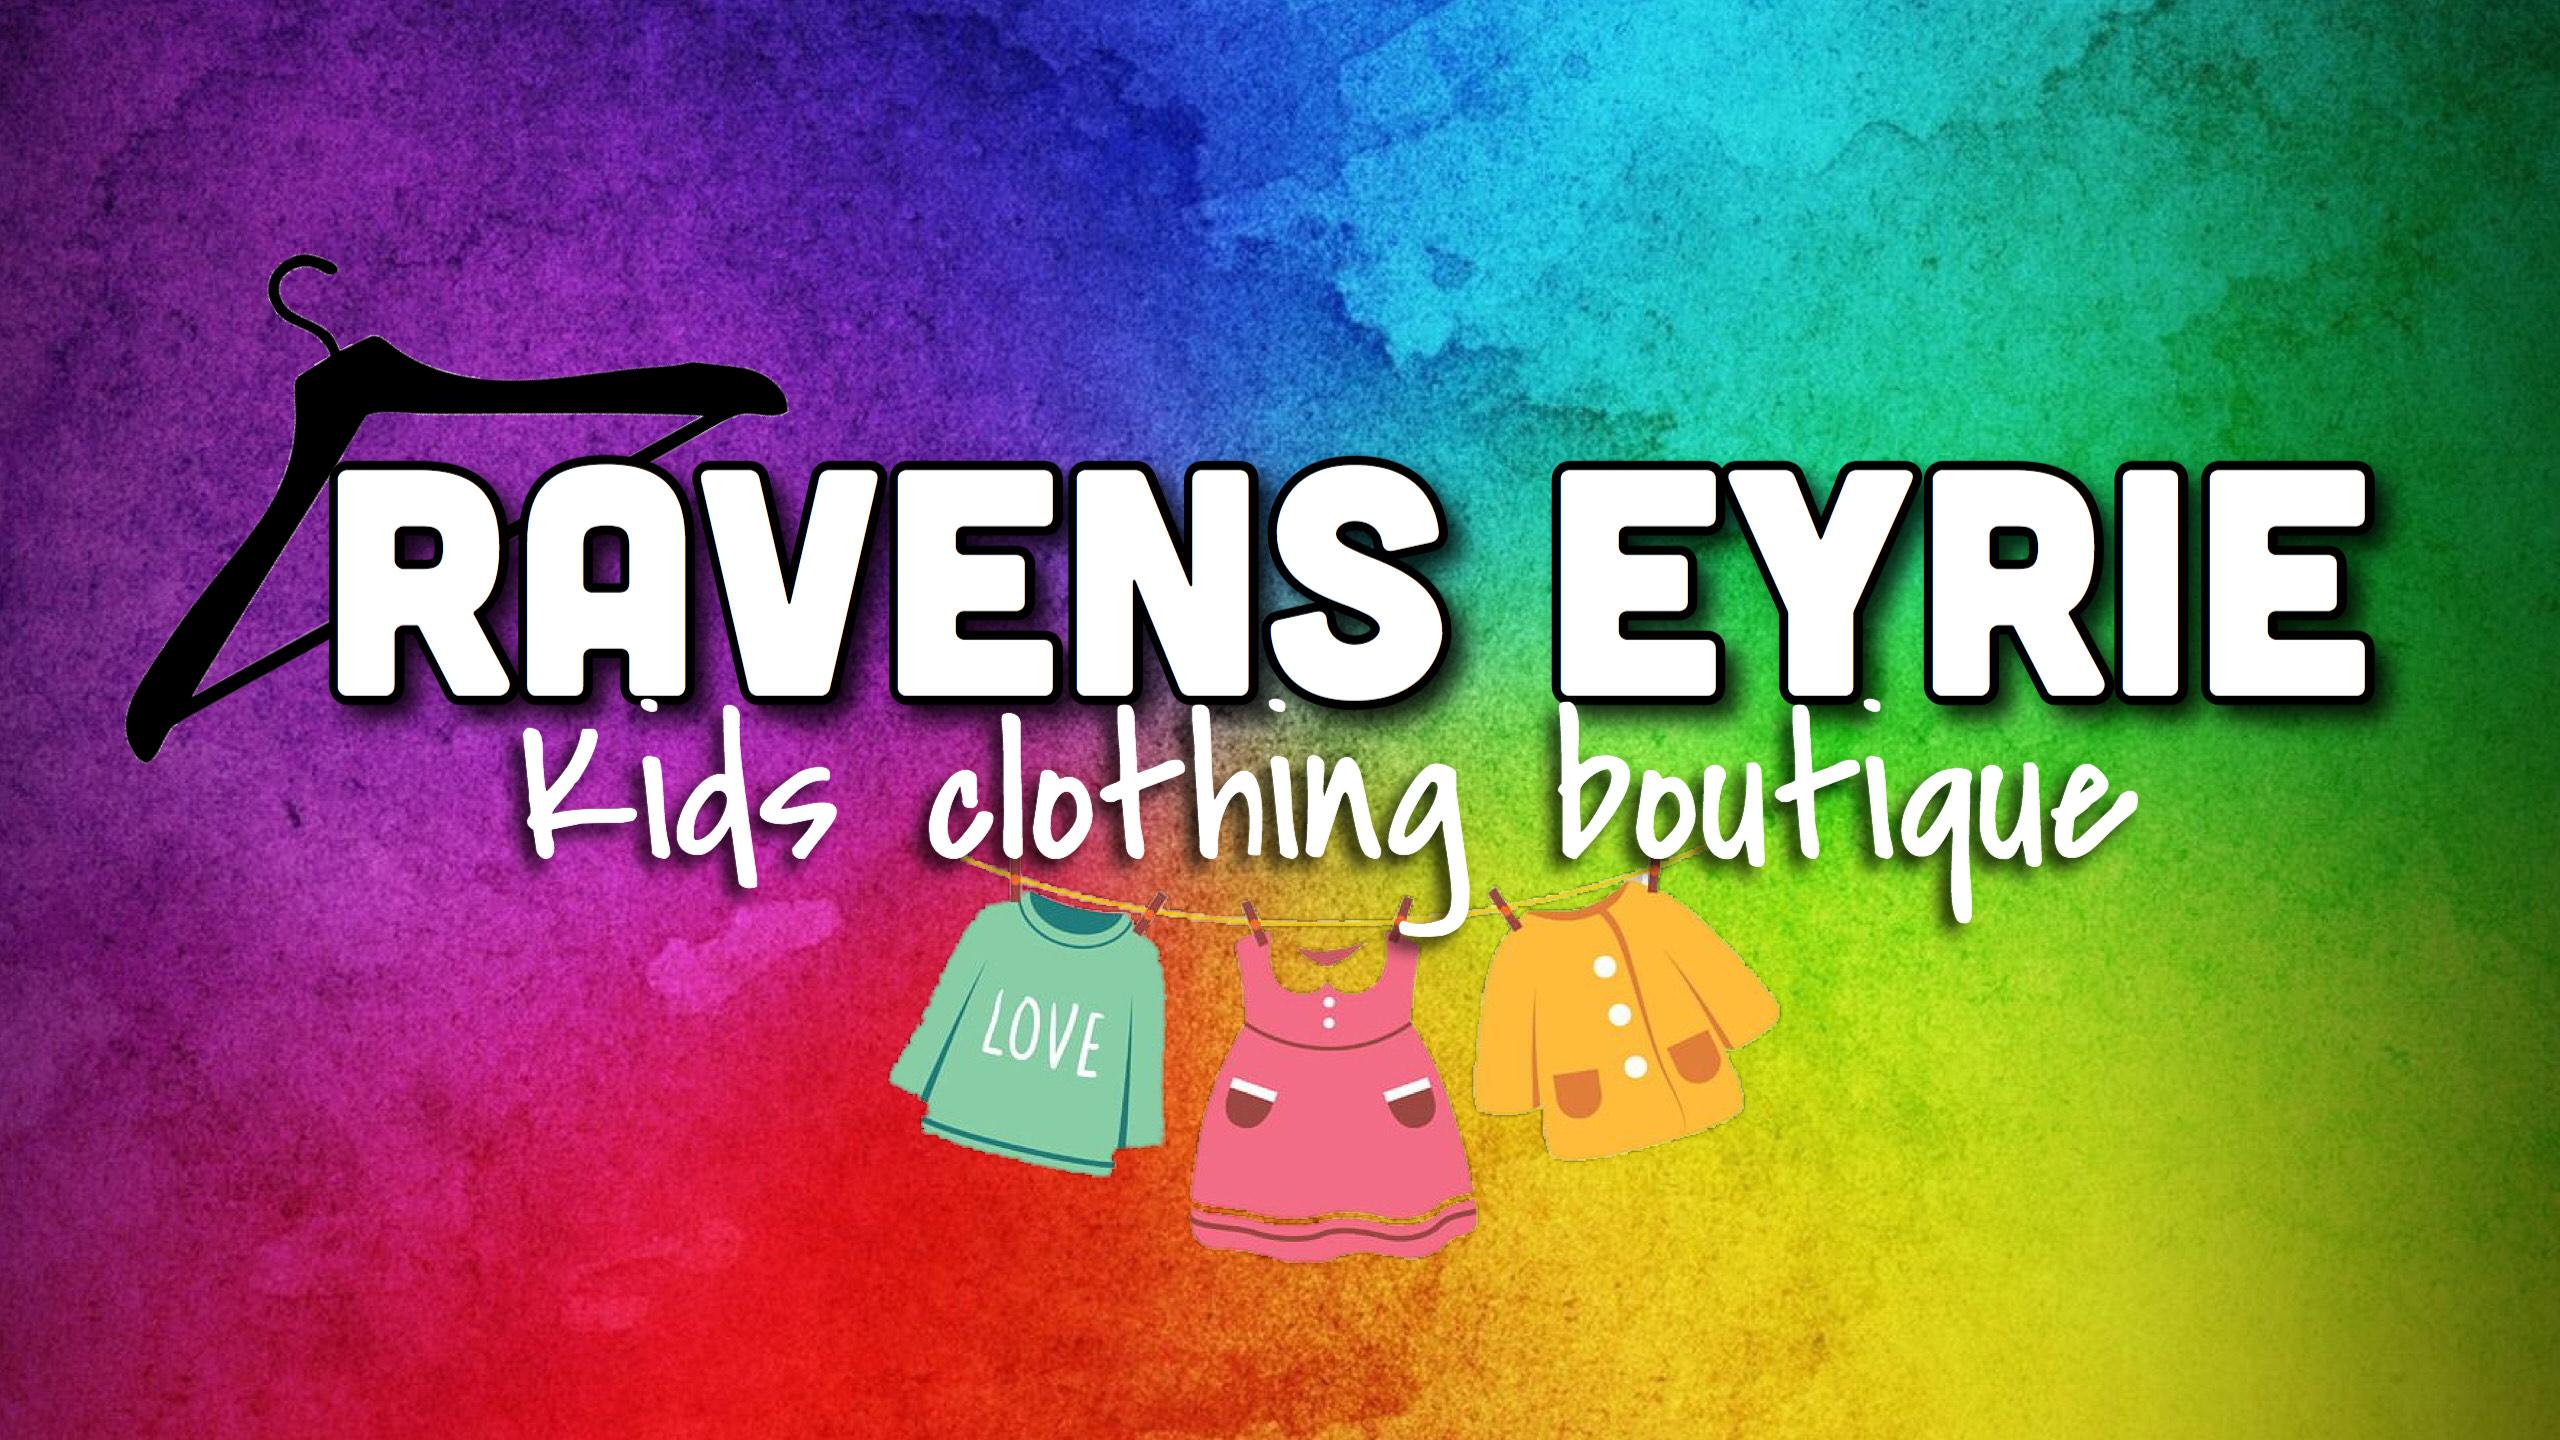 Raven's Eyrie Boutique